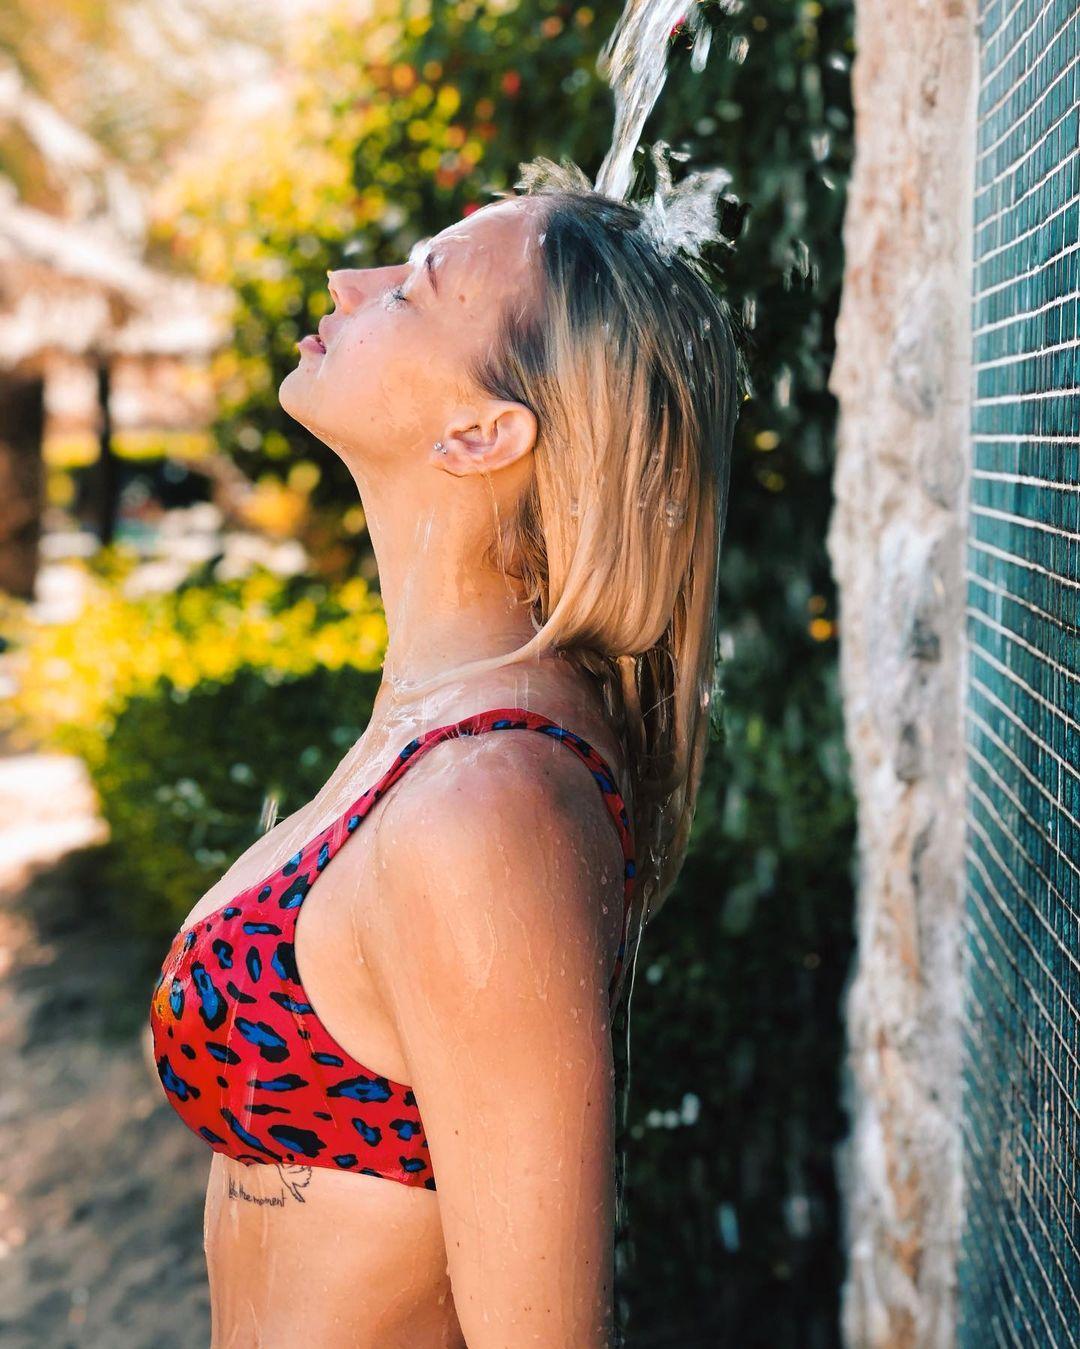 Варвара Субботина – чемпионка мира по синхронному плаванию. И новый партнер Светланы Колесниченко!